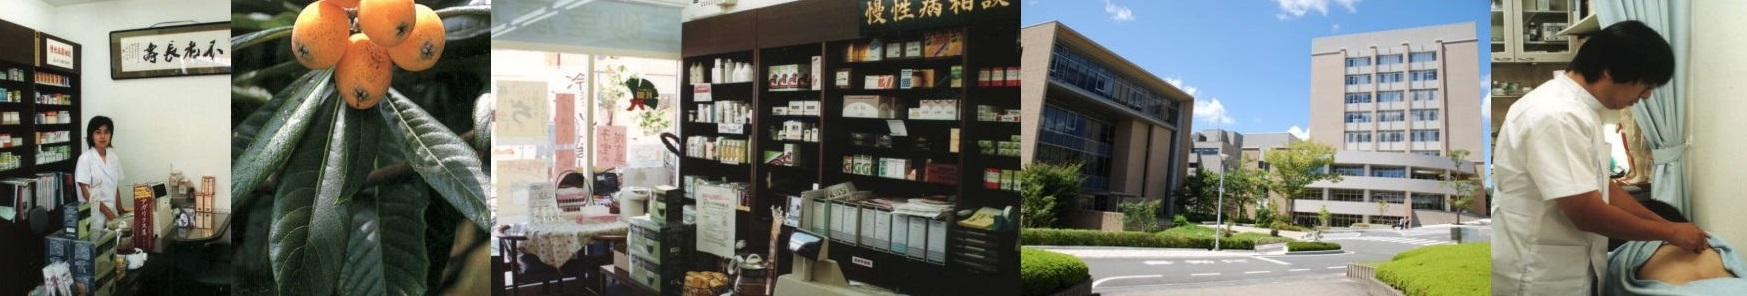 漢方薬、鍼灸治療、びわ温灸療法など東洋医学をトータルでコーディネートする大阪府堺市北野田で三砂堂漢方です